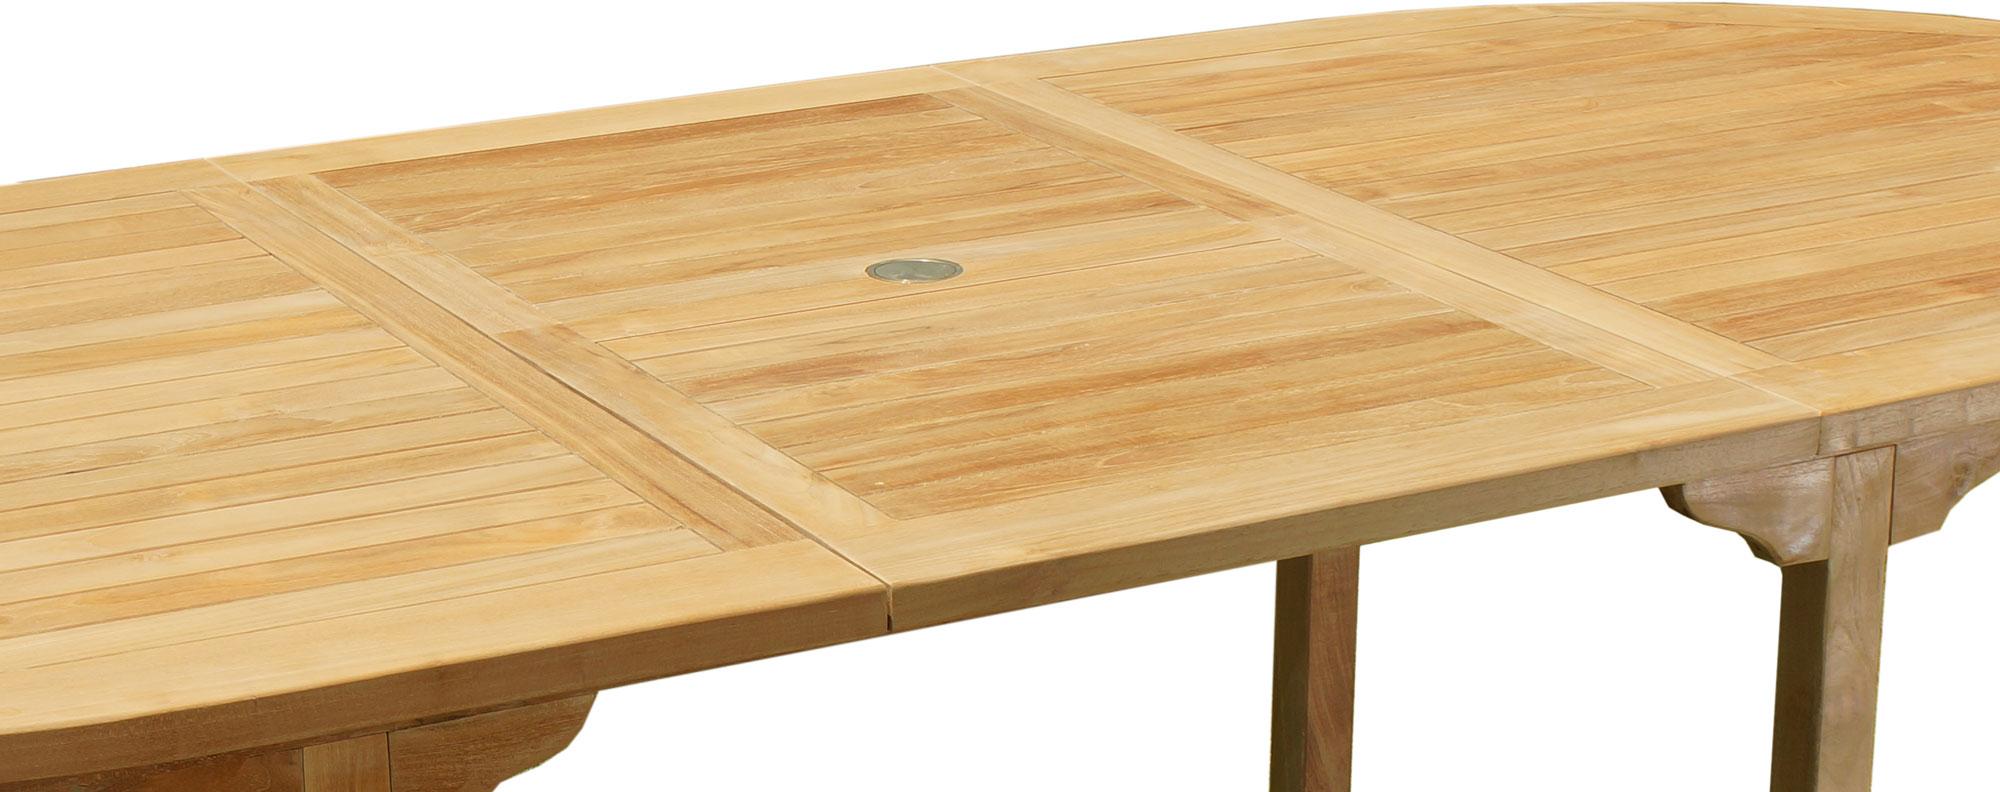 détail de la table de jardin en teck massif